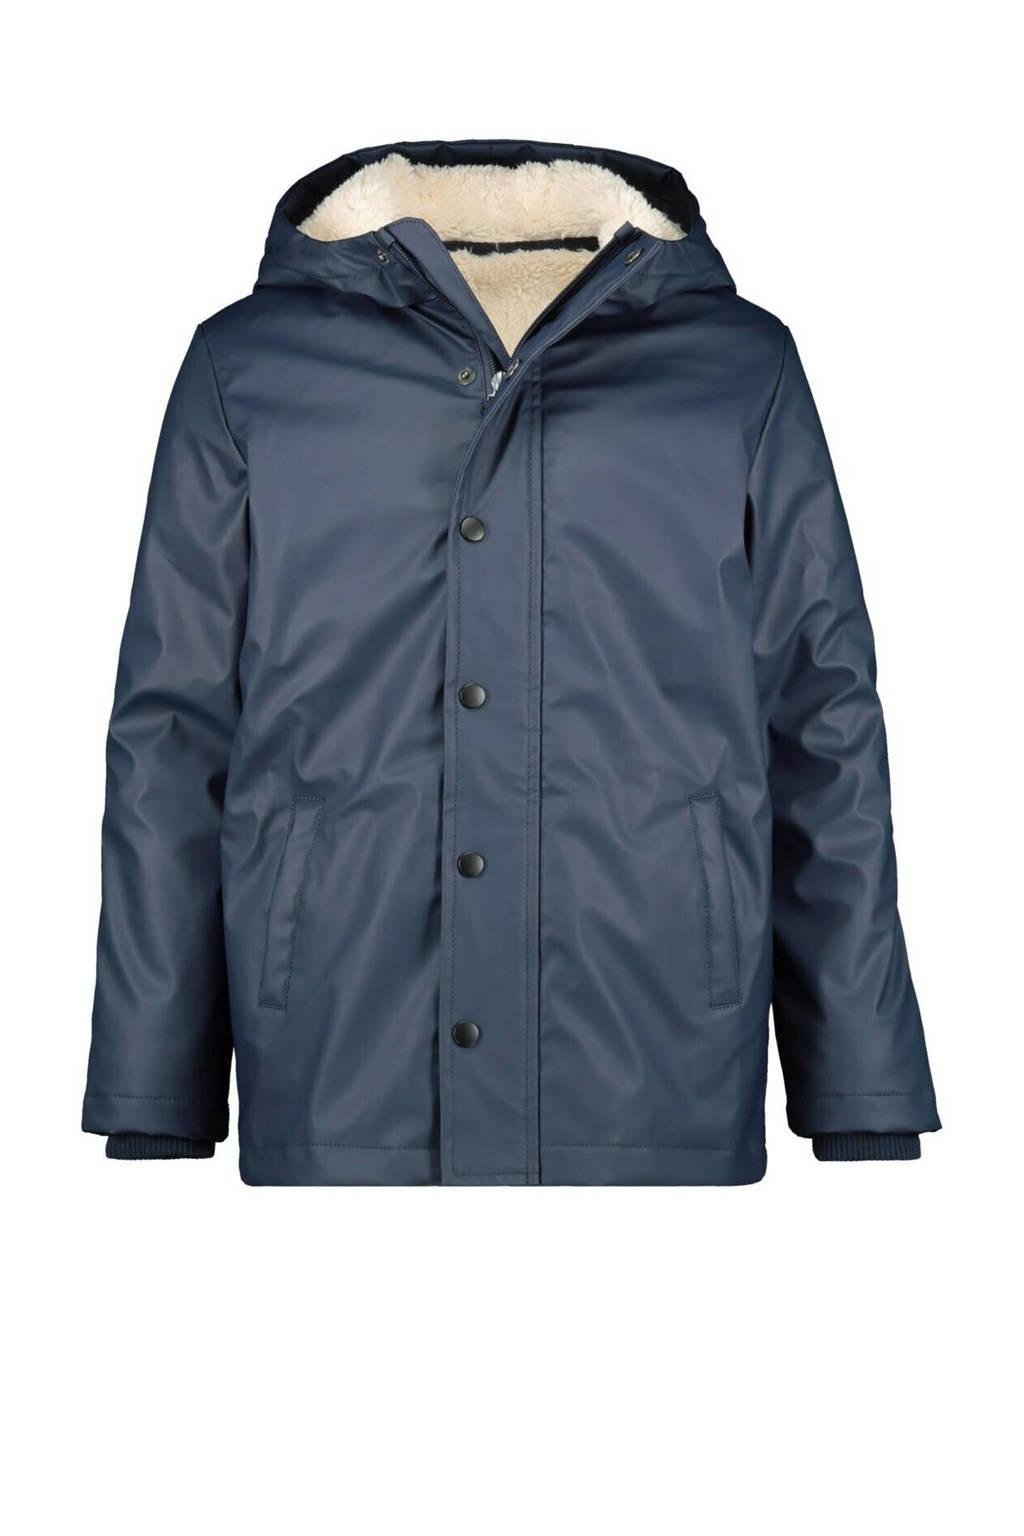 HEMA winterjas Joshua donkerblauw, Donkerblauw